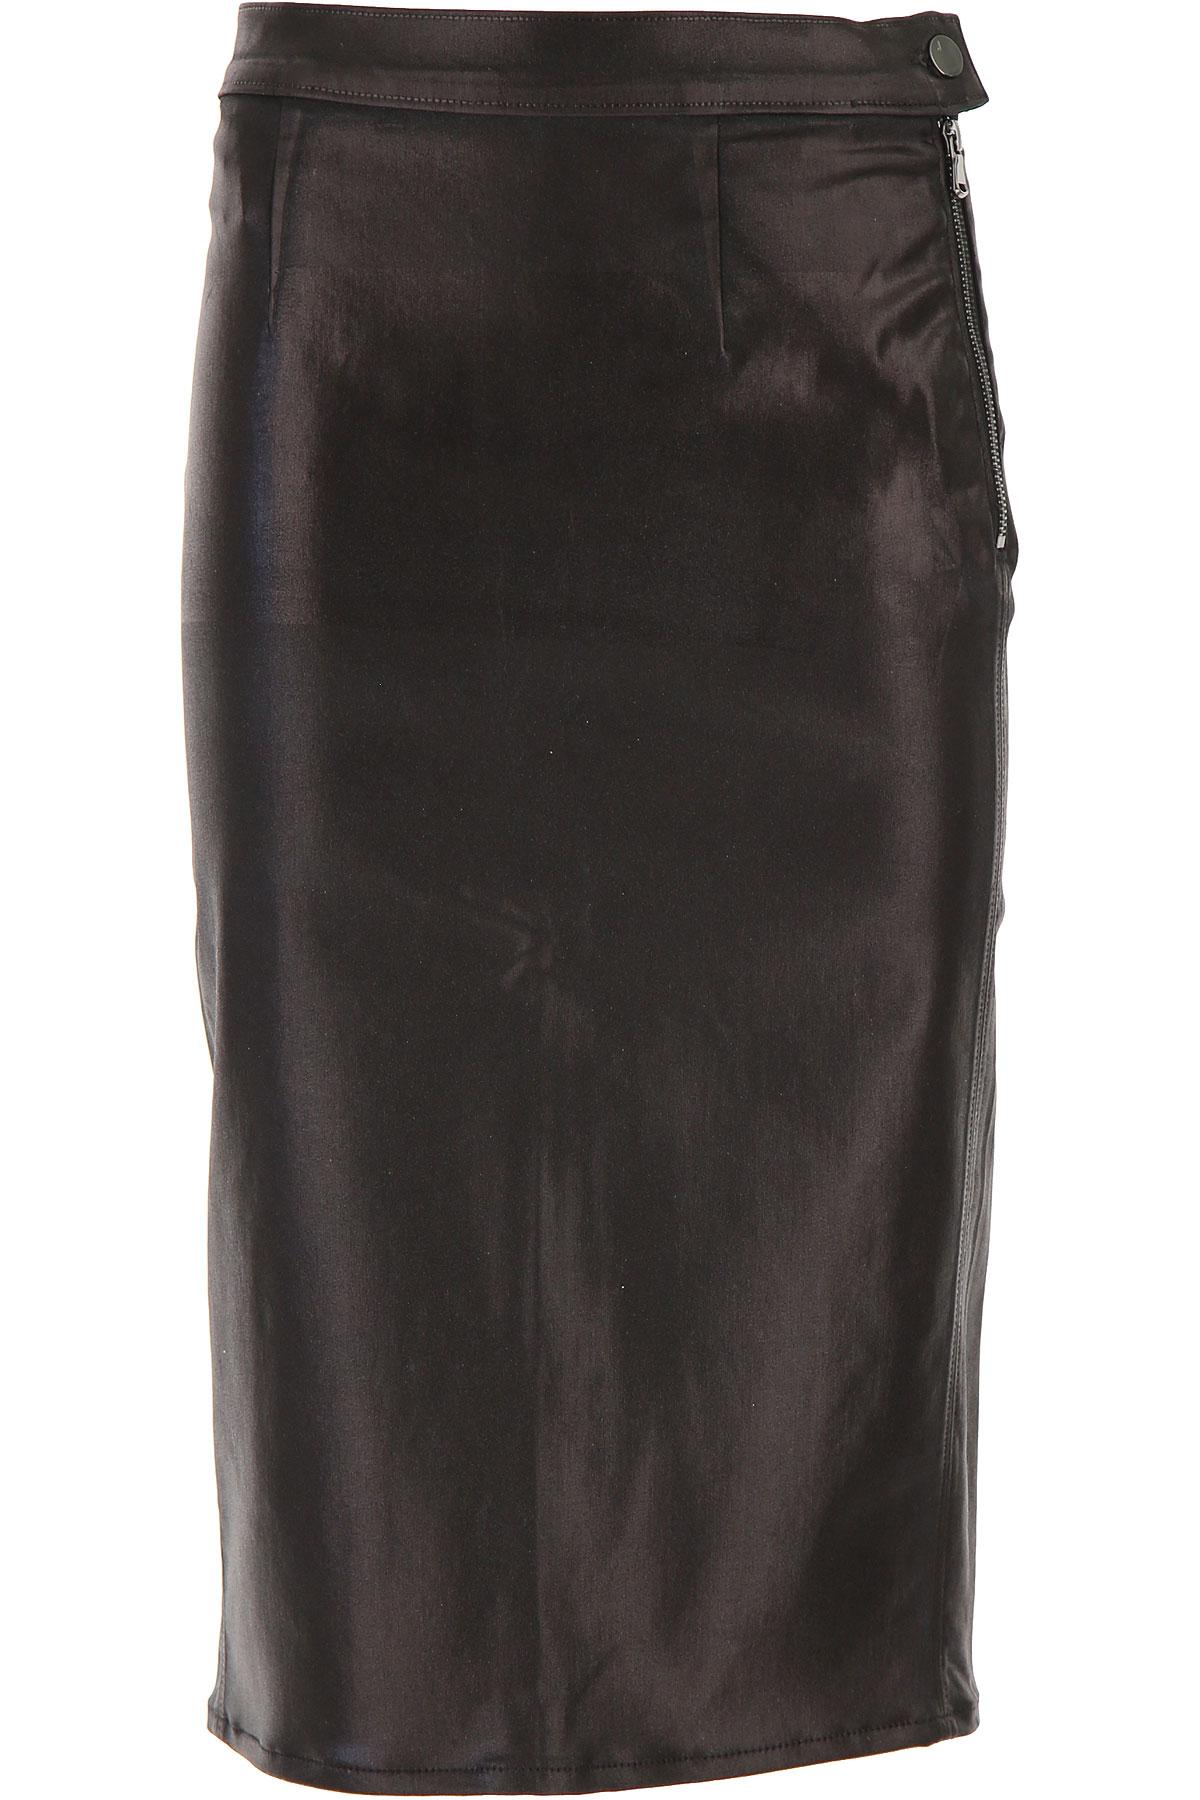 J Brand Skirt for Women On Sale, Black, lyocell, 2019, 25 26 27 29